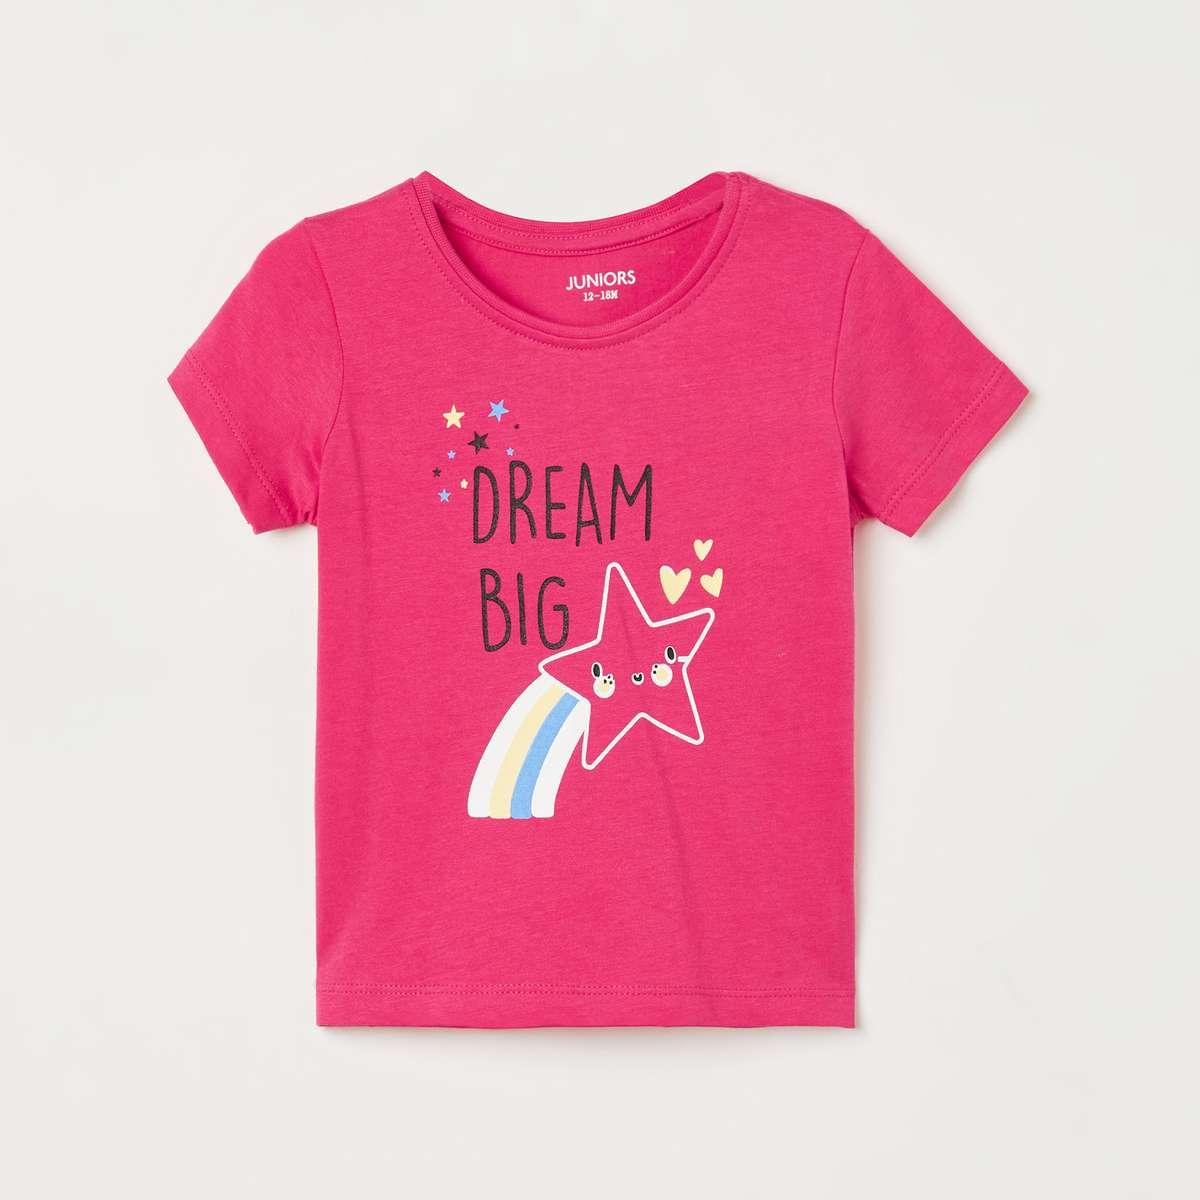 4.JUNIORS Girls Printed Round Neck T-shirt